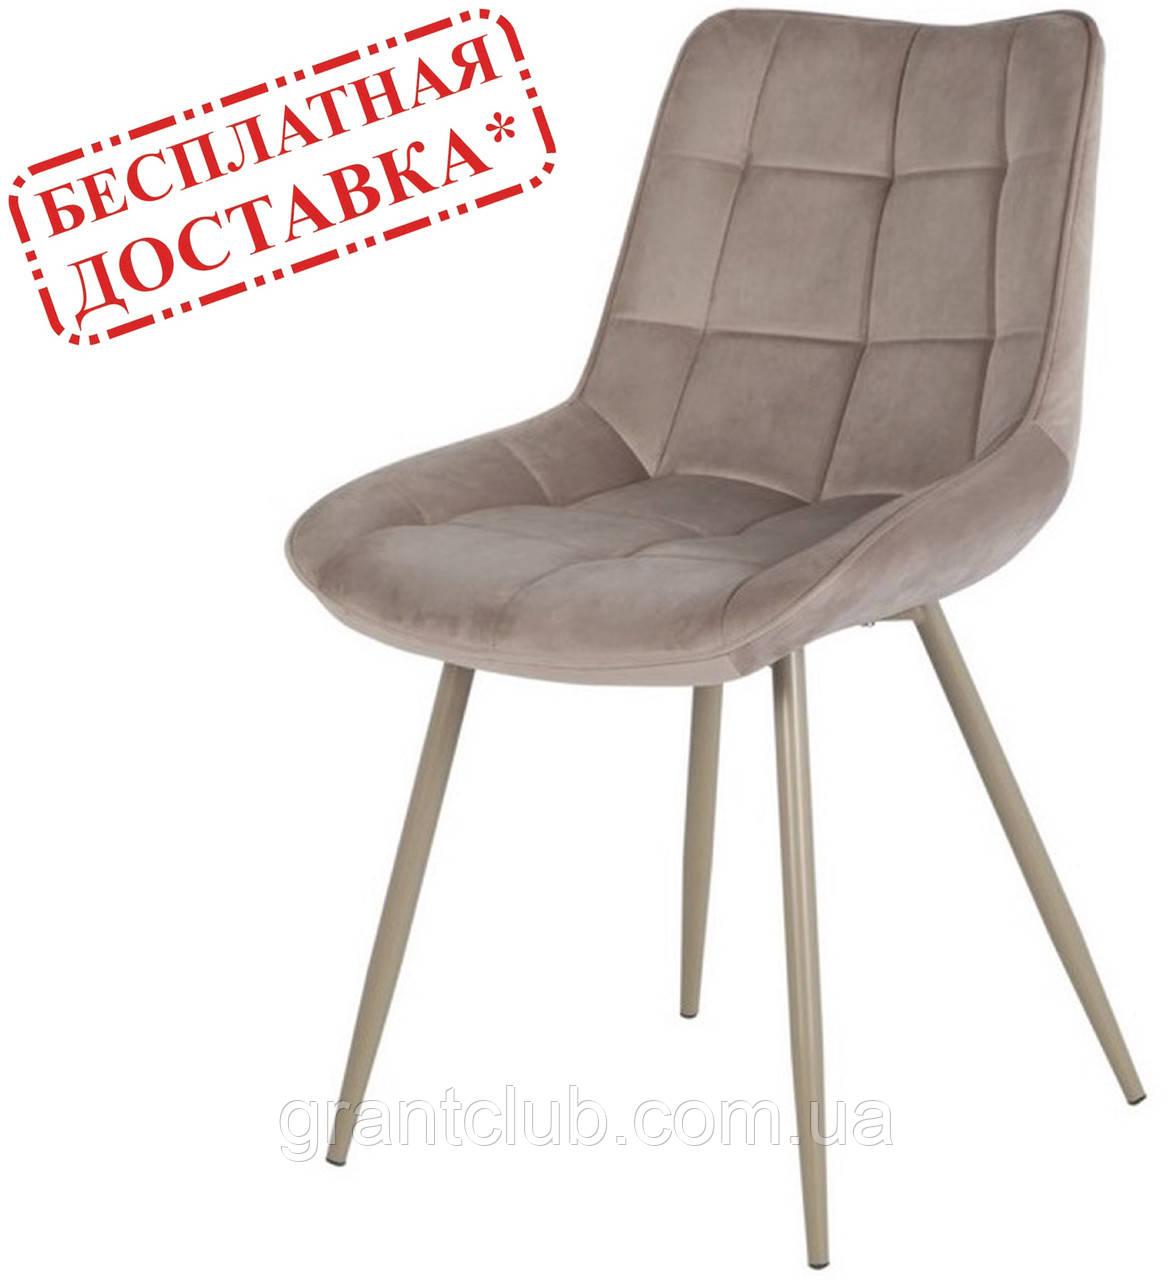 Обеденный мягкий стул N-45 капучино велюр (бесплатная доставка)